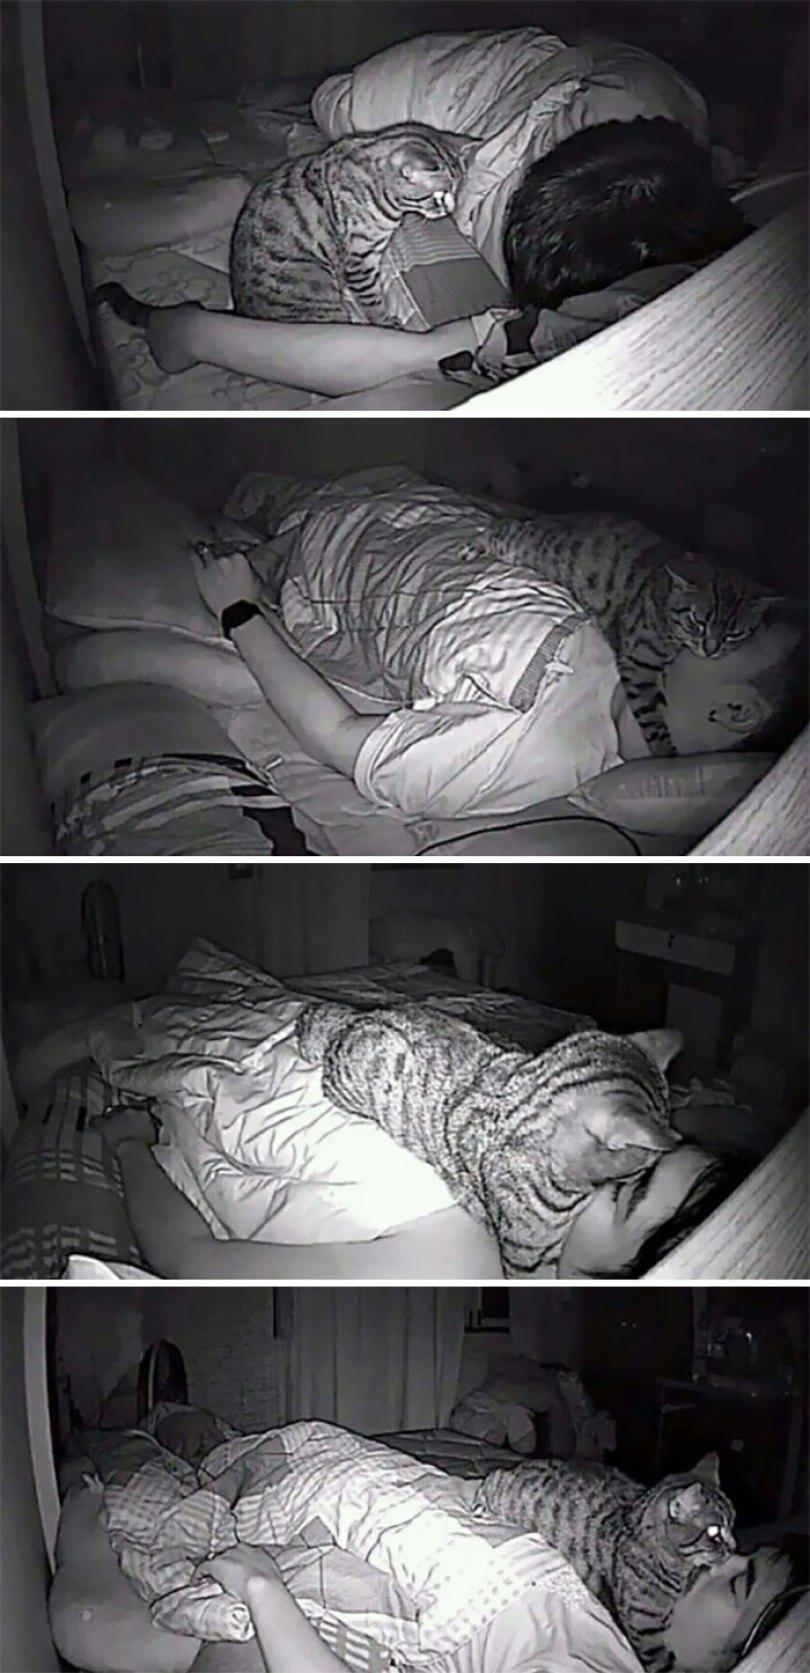 5d832ed392bea funny people sleeping positions 10 5d760ca9699ef  700 - Pessoas dormindo em posições extremamente desconfortáveis